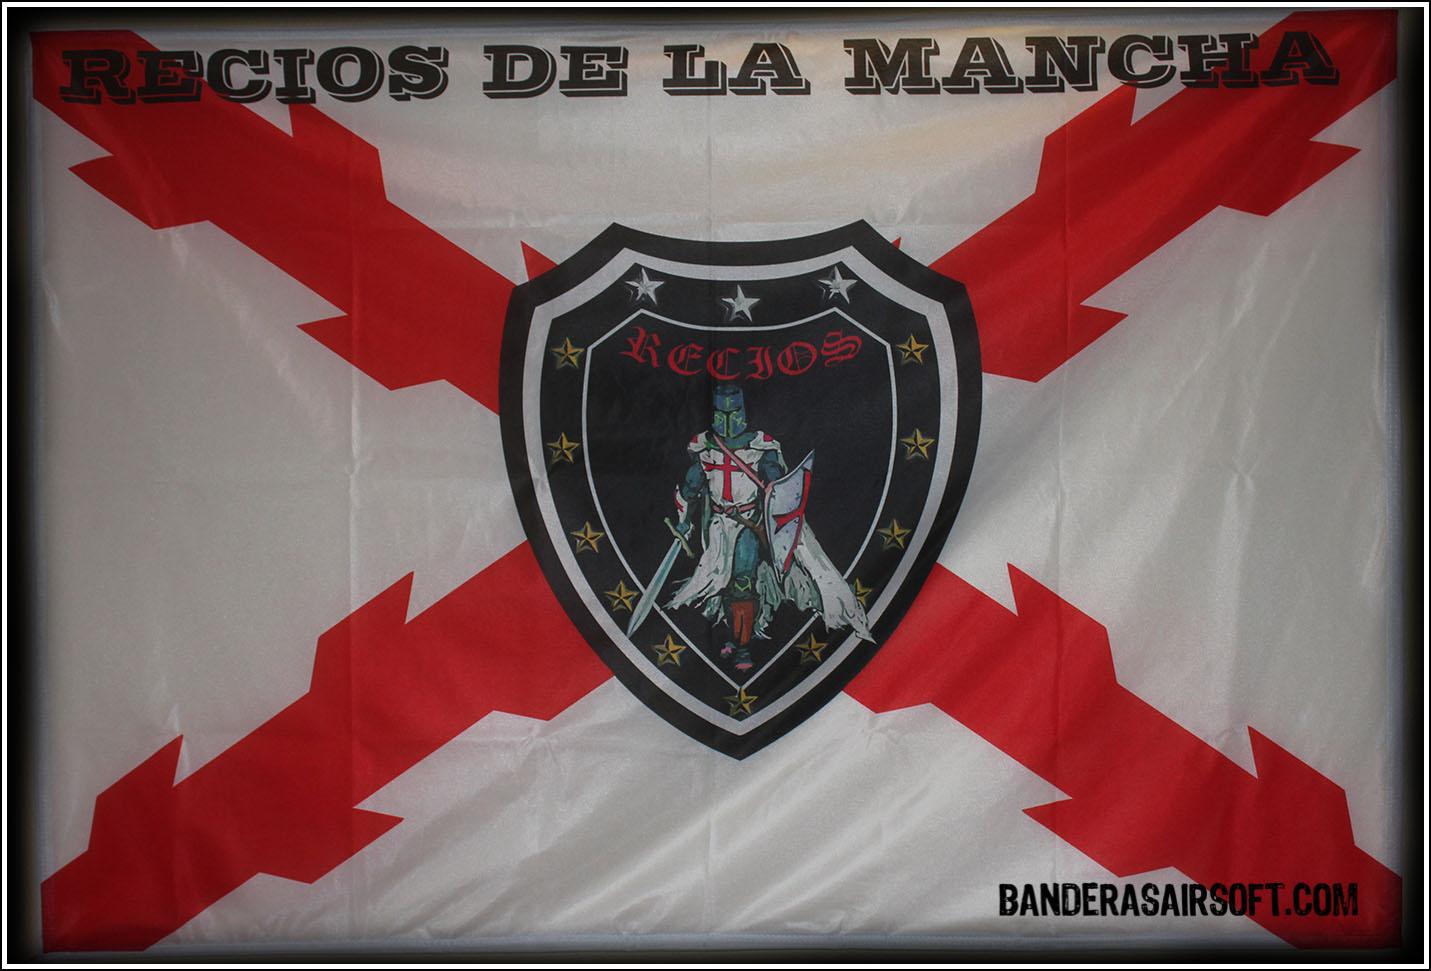 Bandera airsoft recios